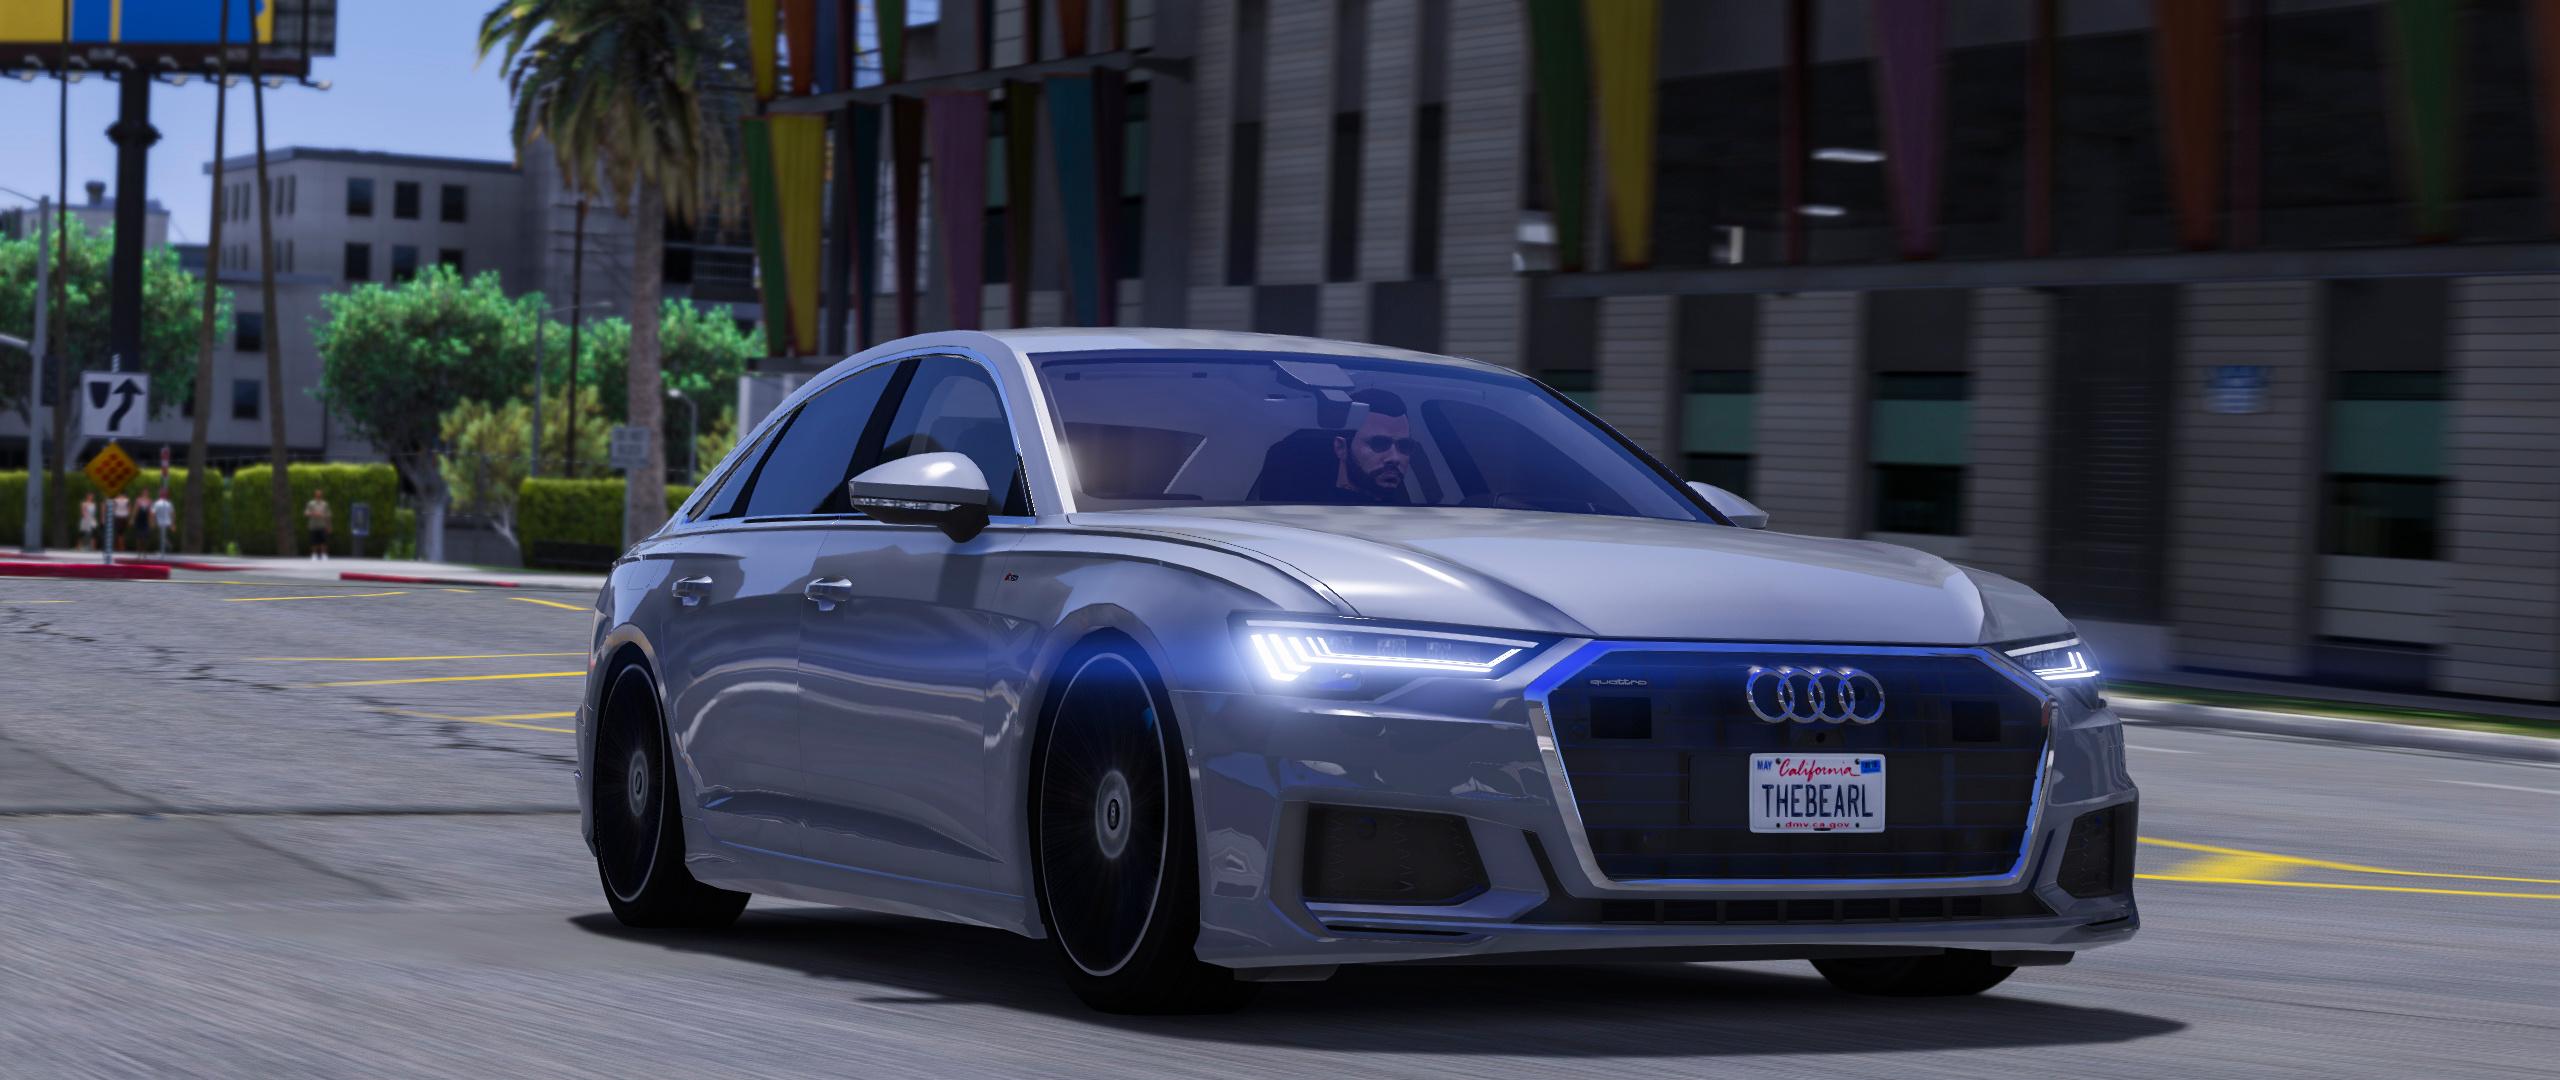 2019 Audi A6 55 Tfsi Quattro S Line Gta5 Mods Com